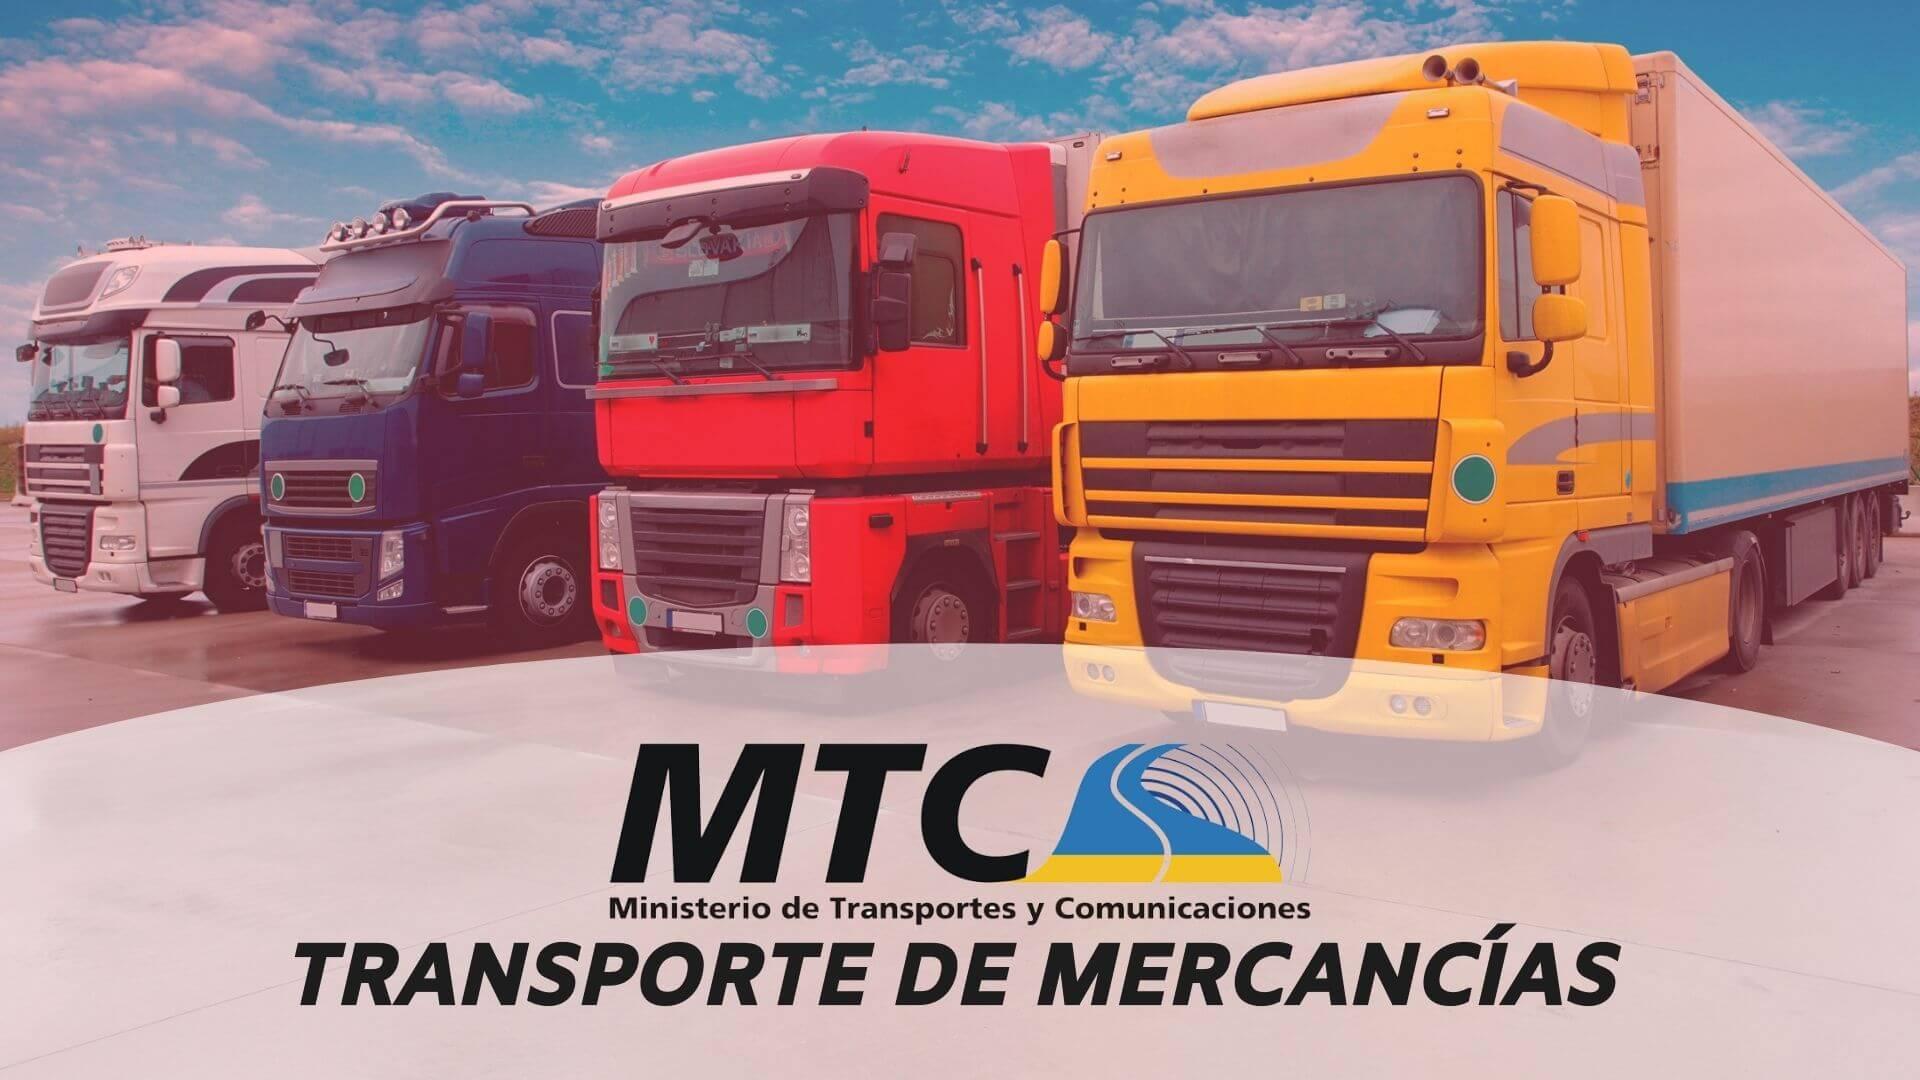 mtc-mercancias